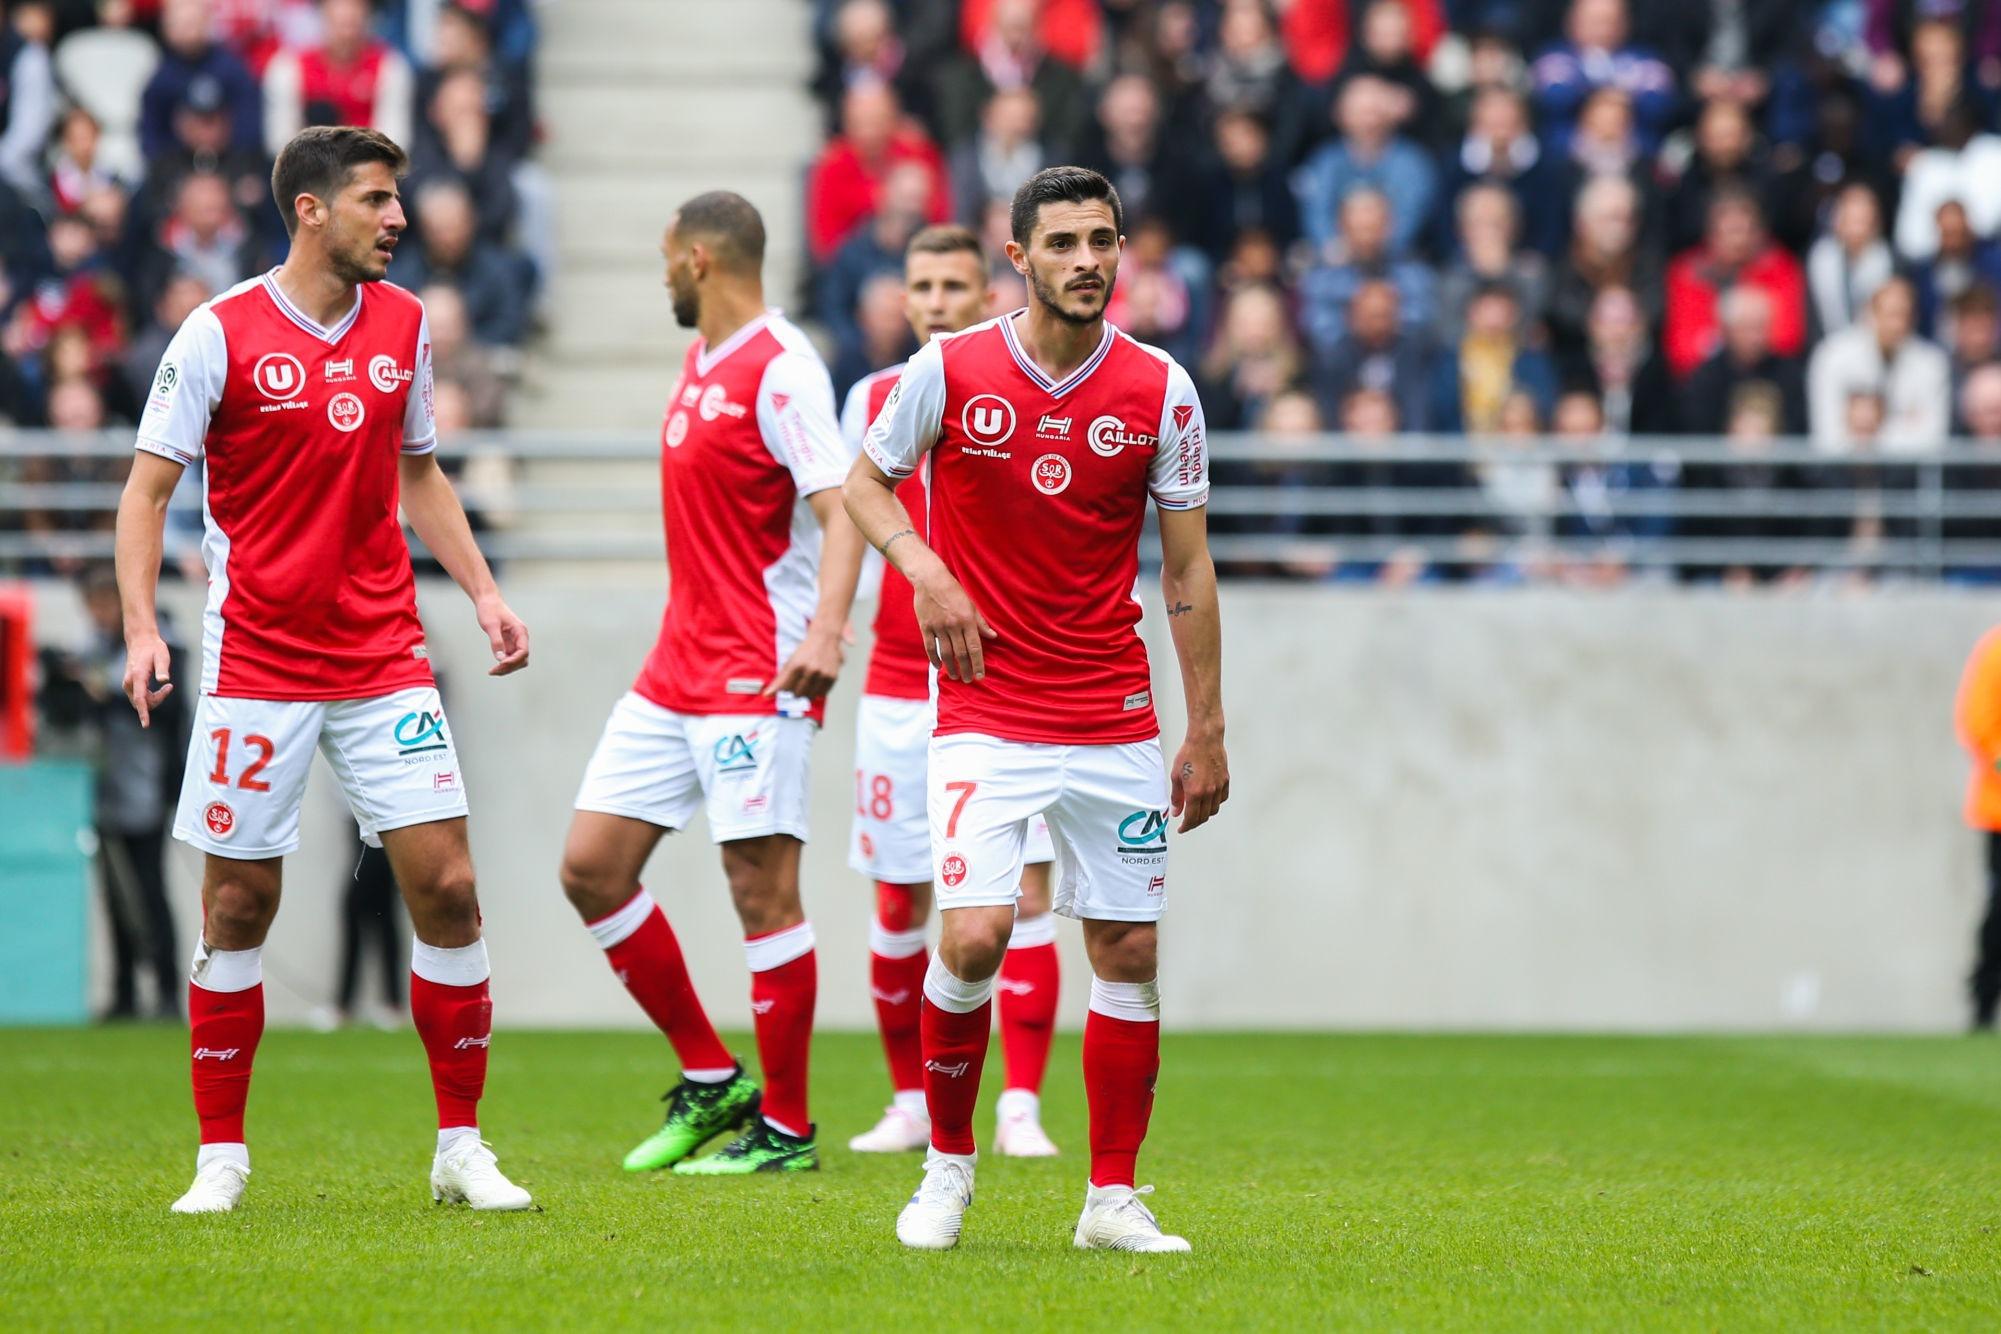 """PSG/Reims - Chavalerin """"Le meilleur a gagné. Mais à 10 c'était impossible"""""""